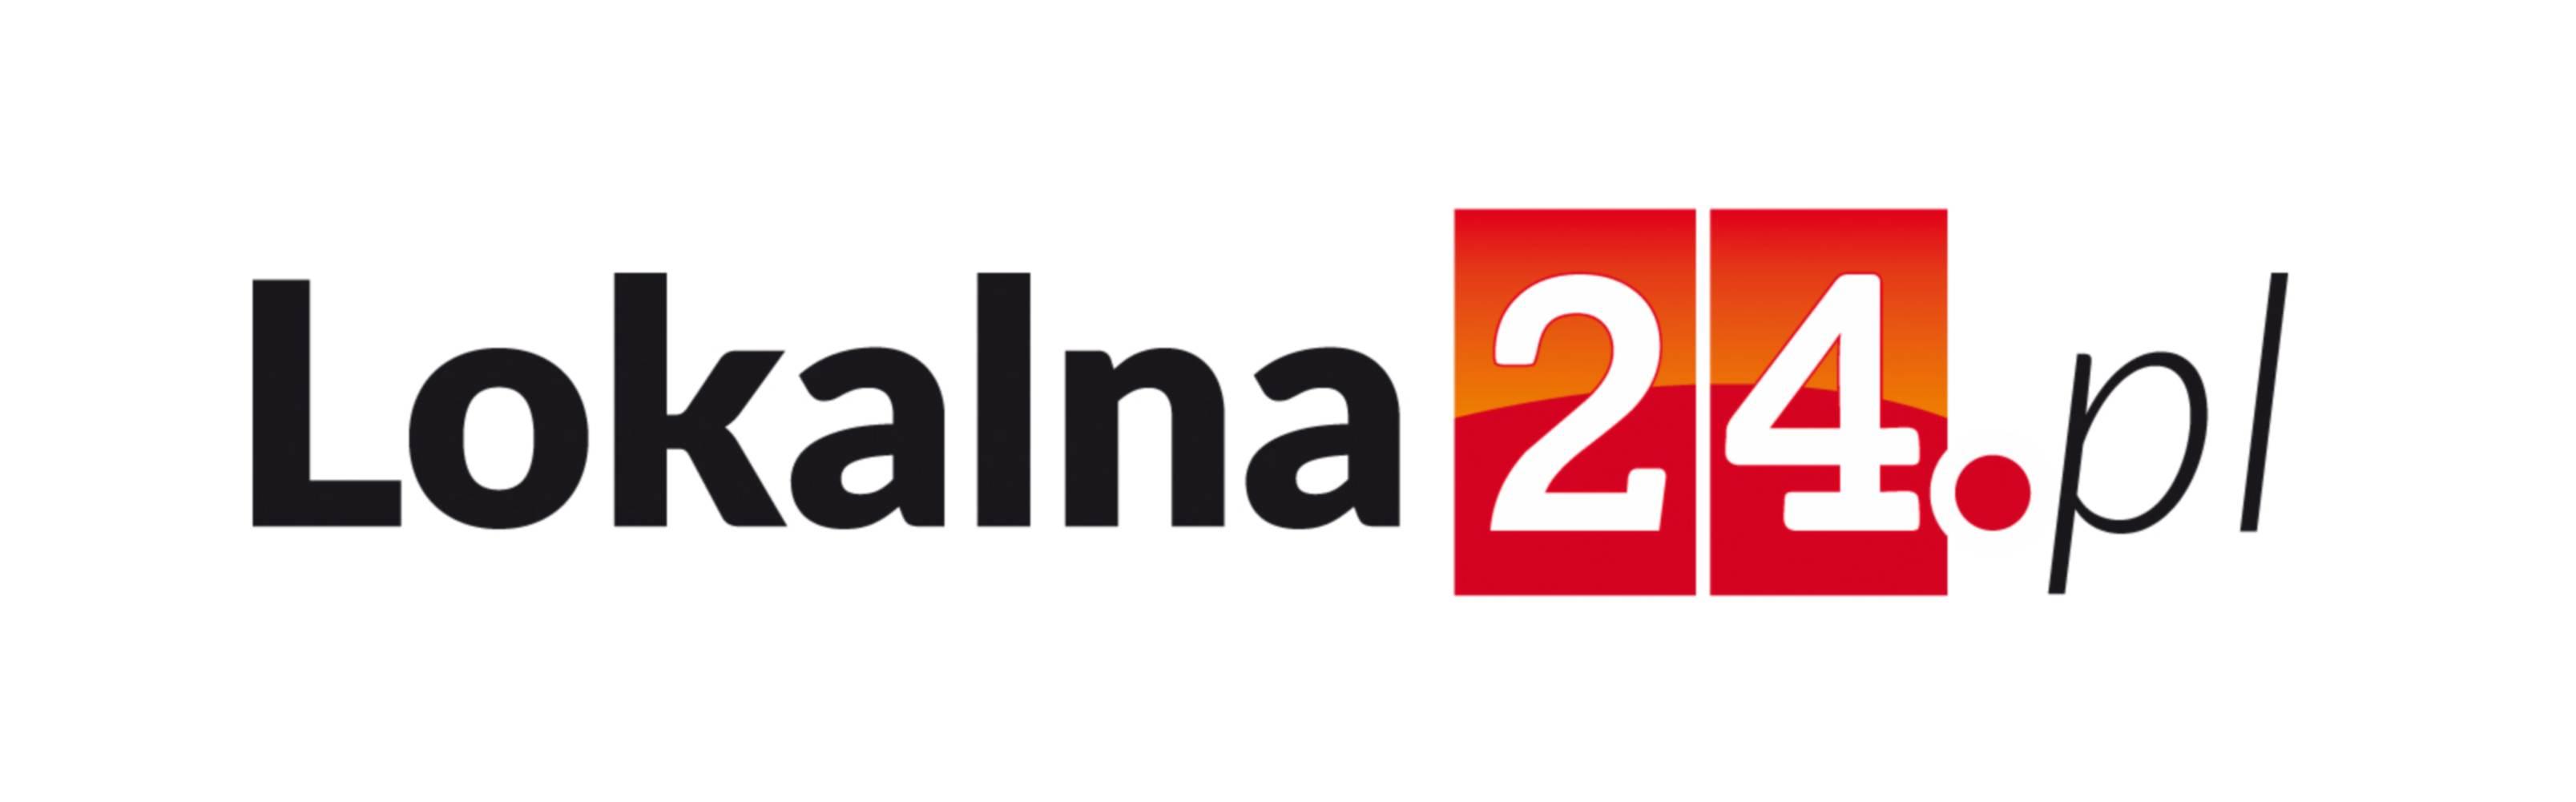 Lokalna24.pl